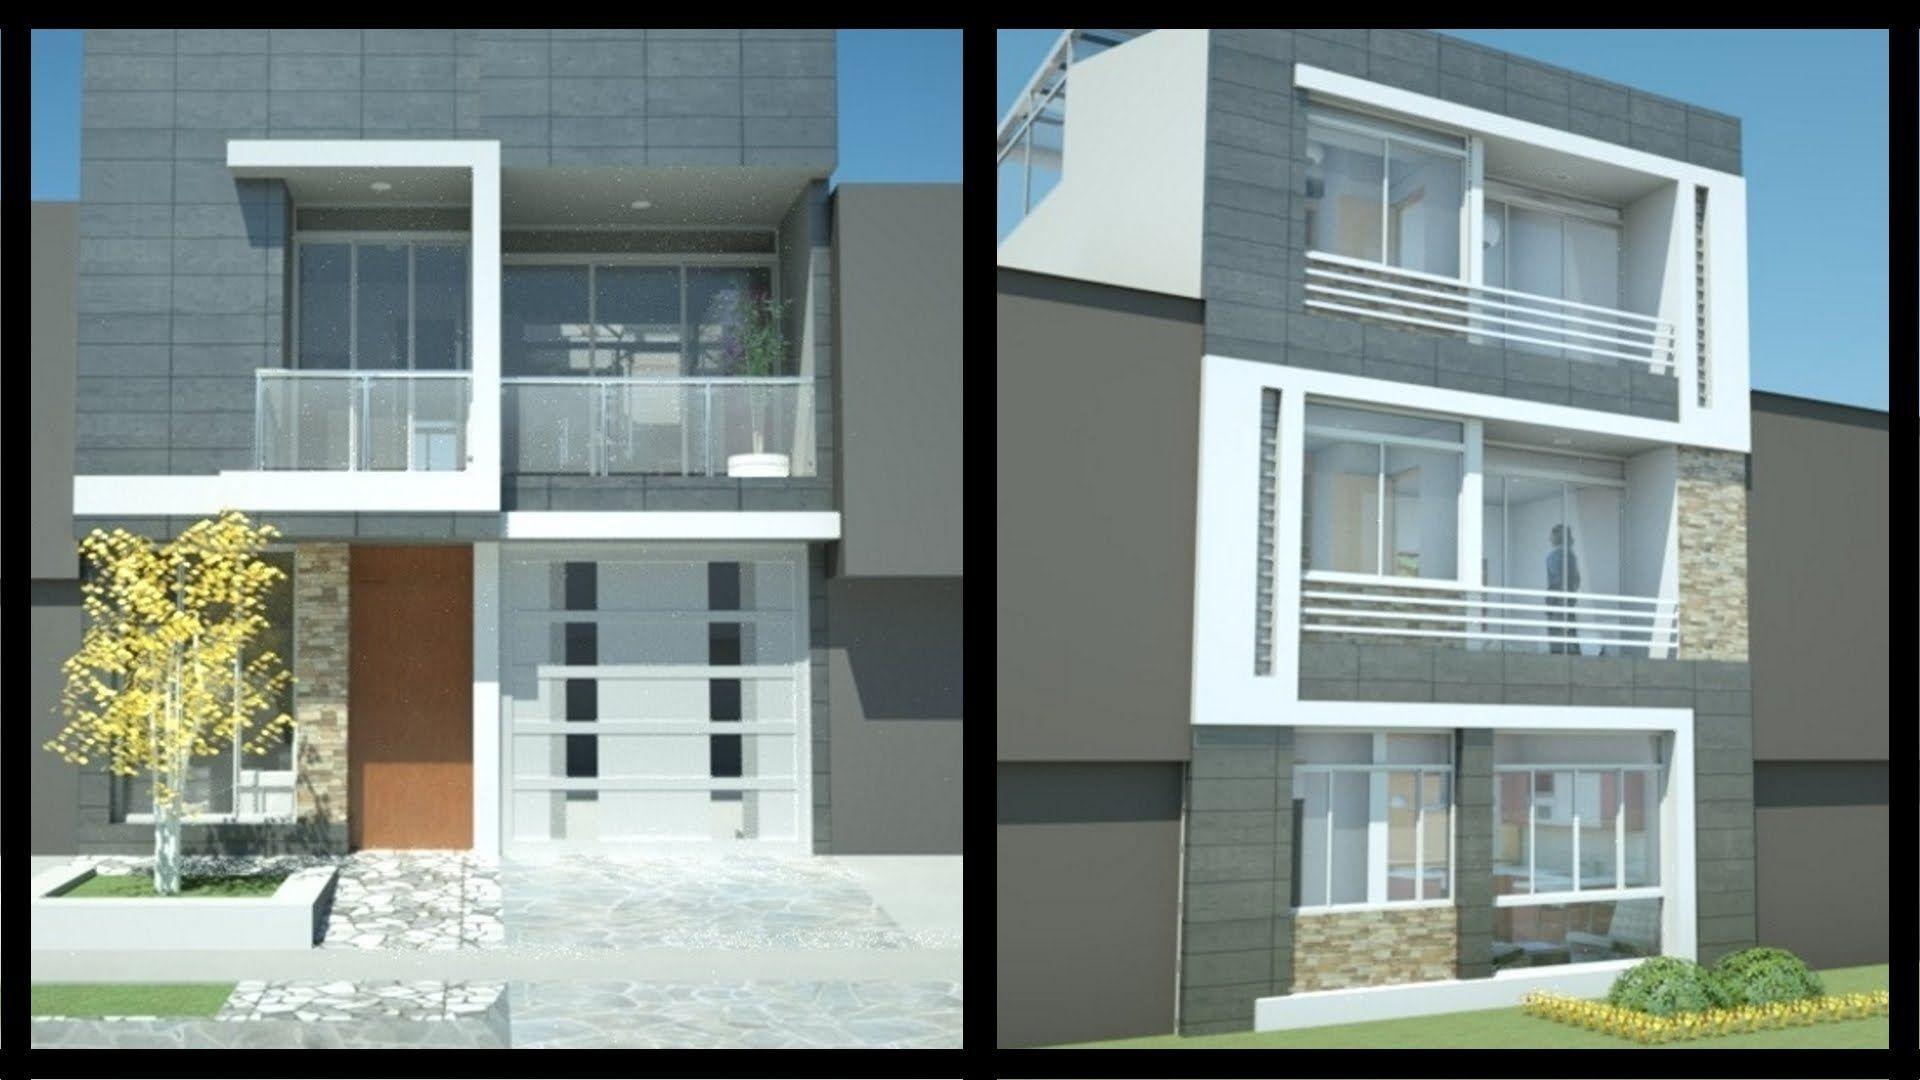 Casa moderna minimalista m x m 220 m for Viviendas minimalistas pequenas